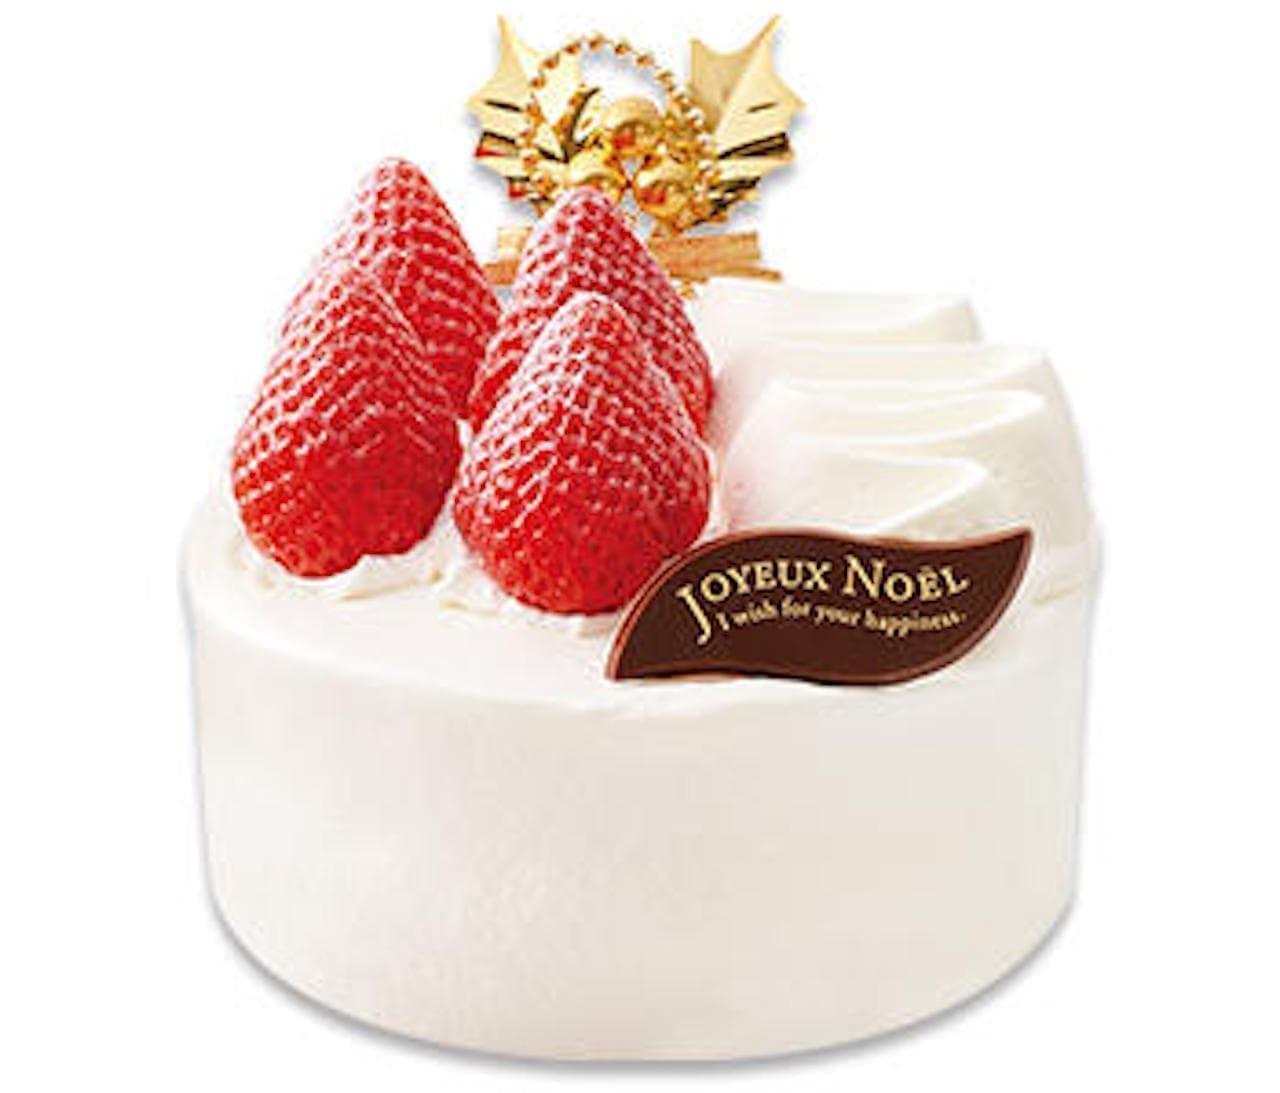 シャトレーゼ「あまおう苺のクリスマスショートケーキ」